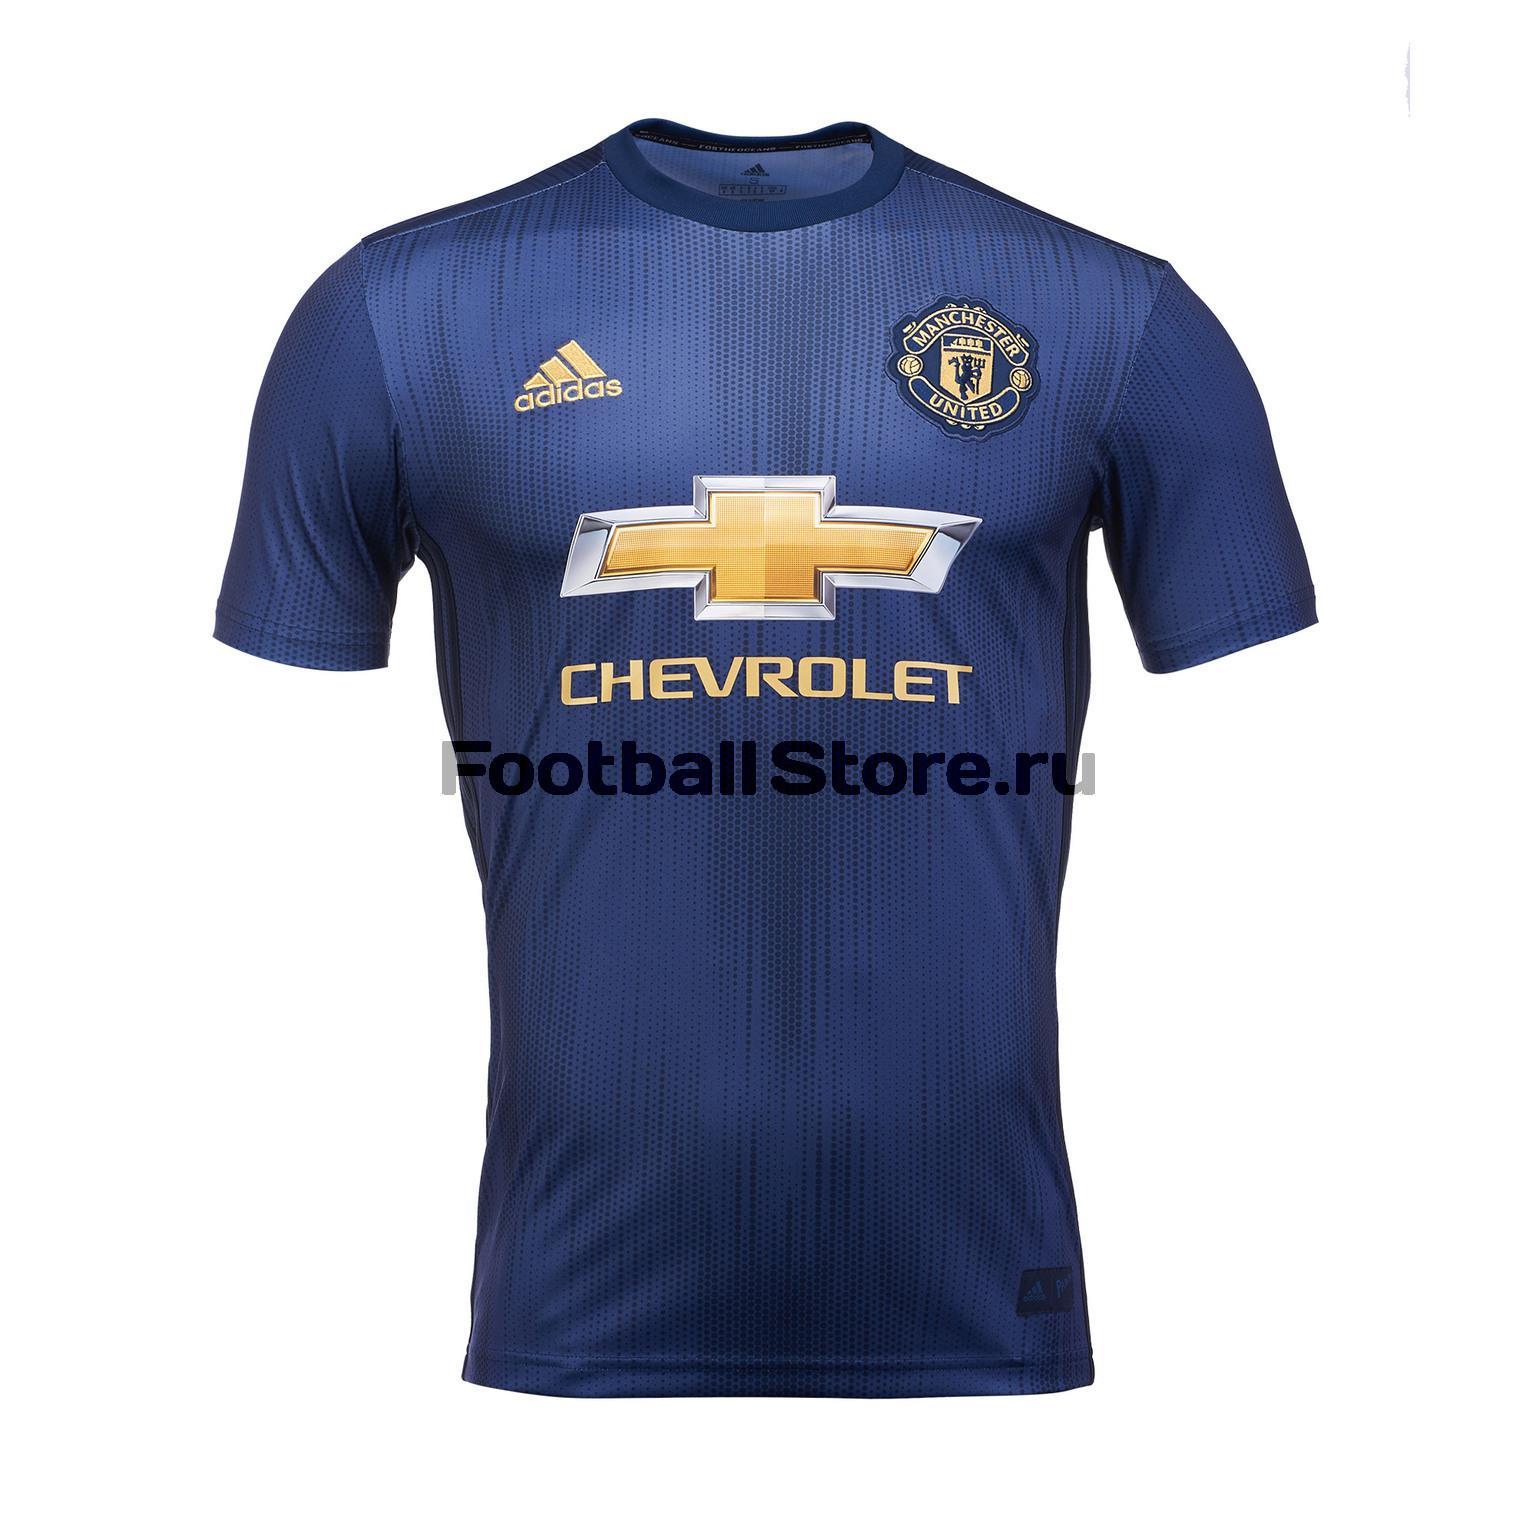 Футболка резервная игровая Adidas Manchester United 2018/19 сумка adidas manchester united 2018 19